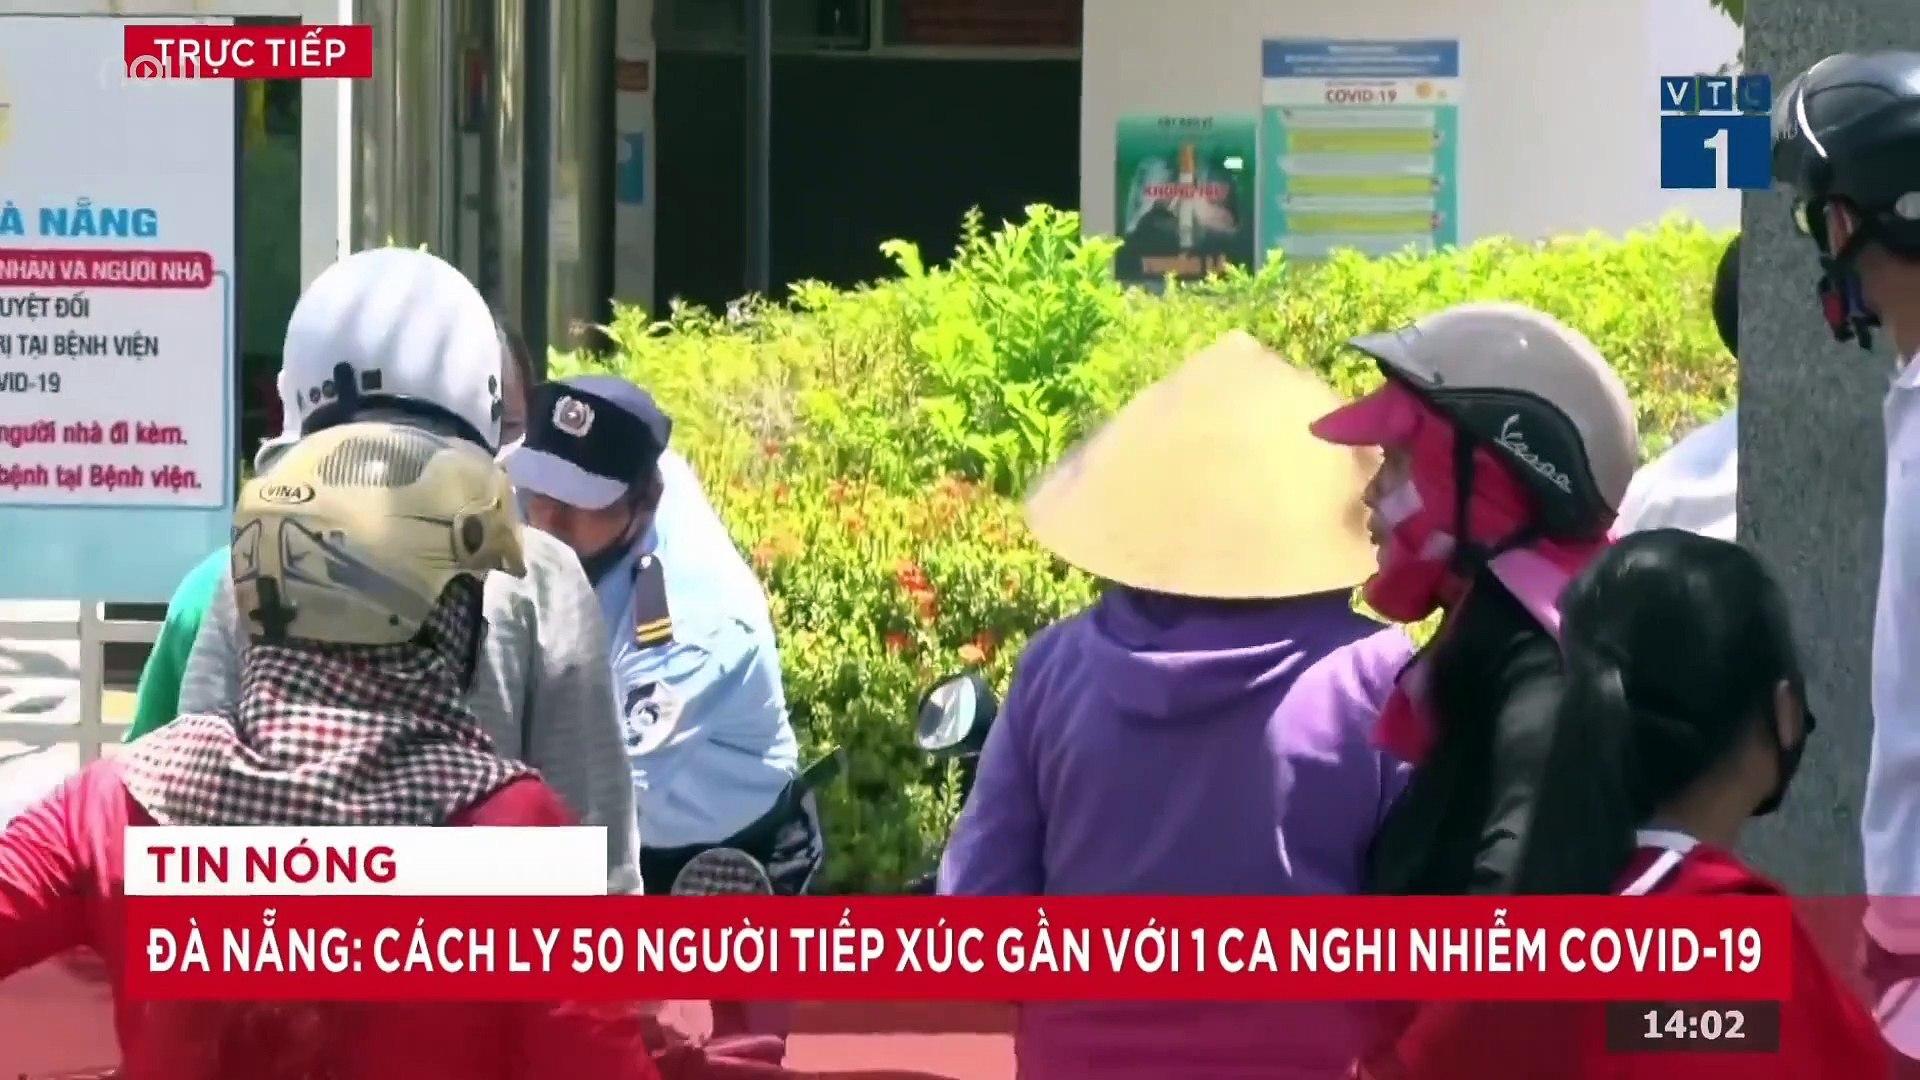 BẢN TIN NHANH: Thông tin về trường hợp nghi mắc Covid-19 trong cộng đồng tại Đà Nẵng